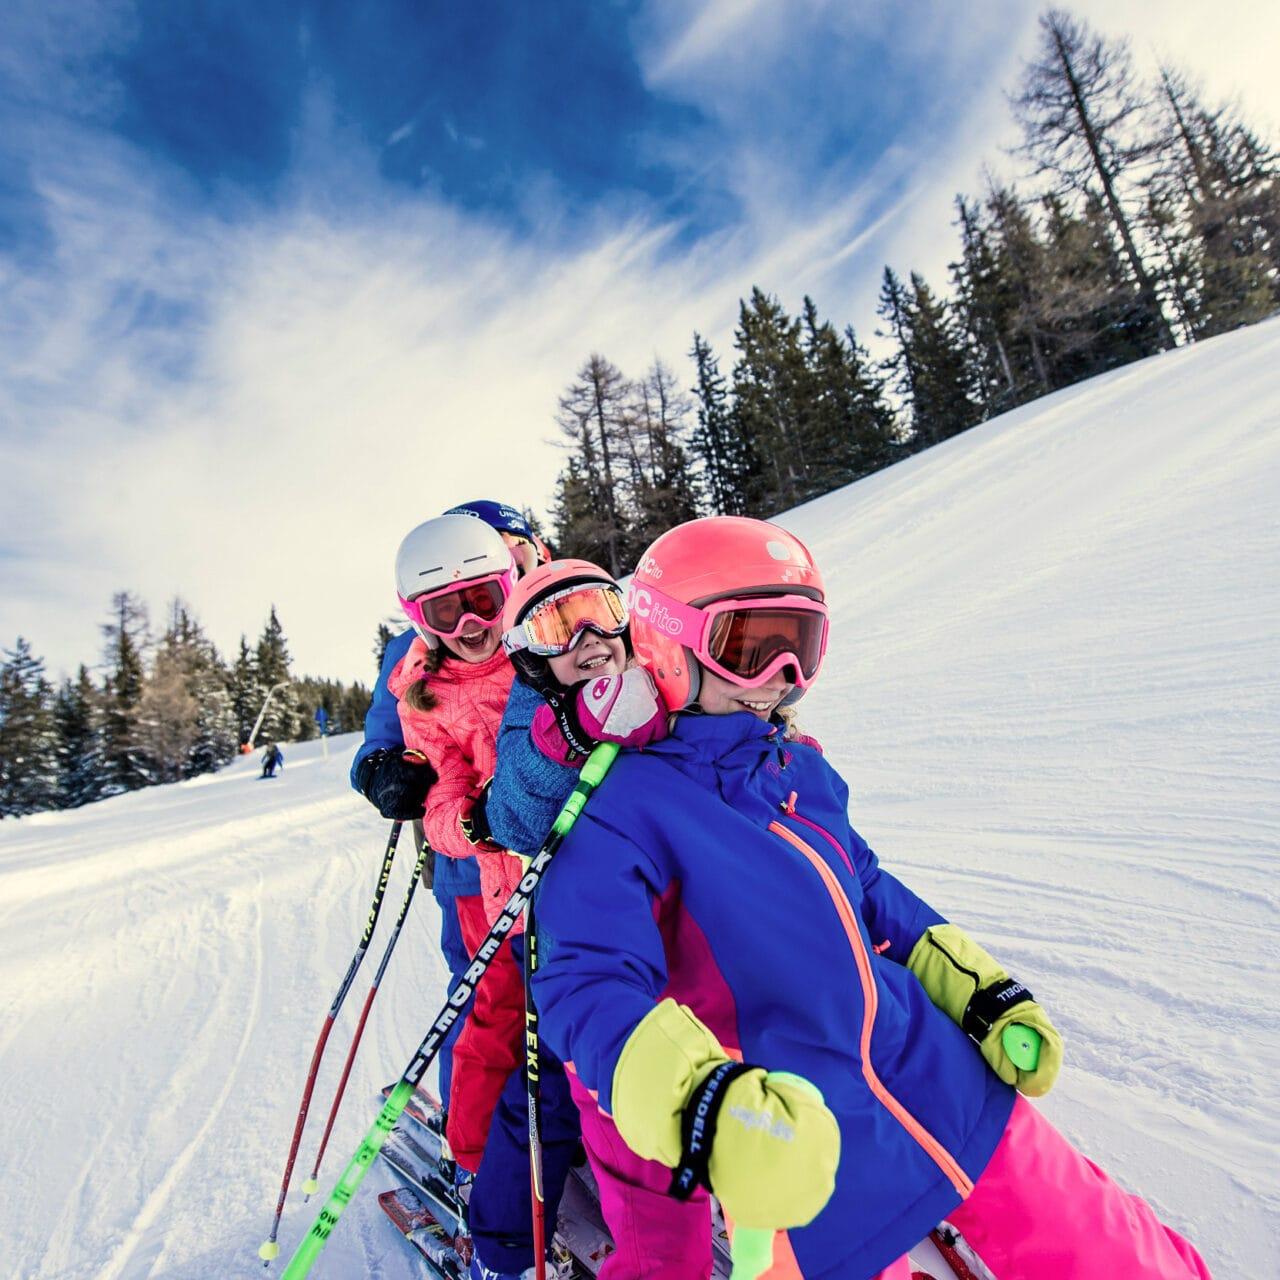 Hofgut-wagrain-apartment-lifestyle-resort-erleben-im-winter-familienwinter-skifahren-mit-Kindern2